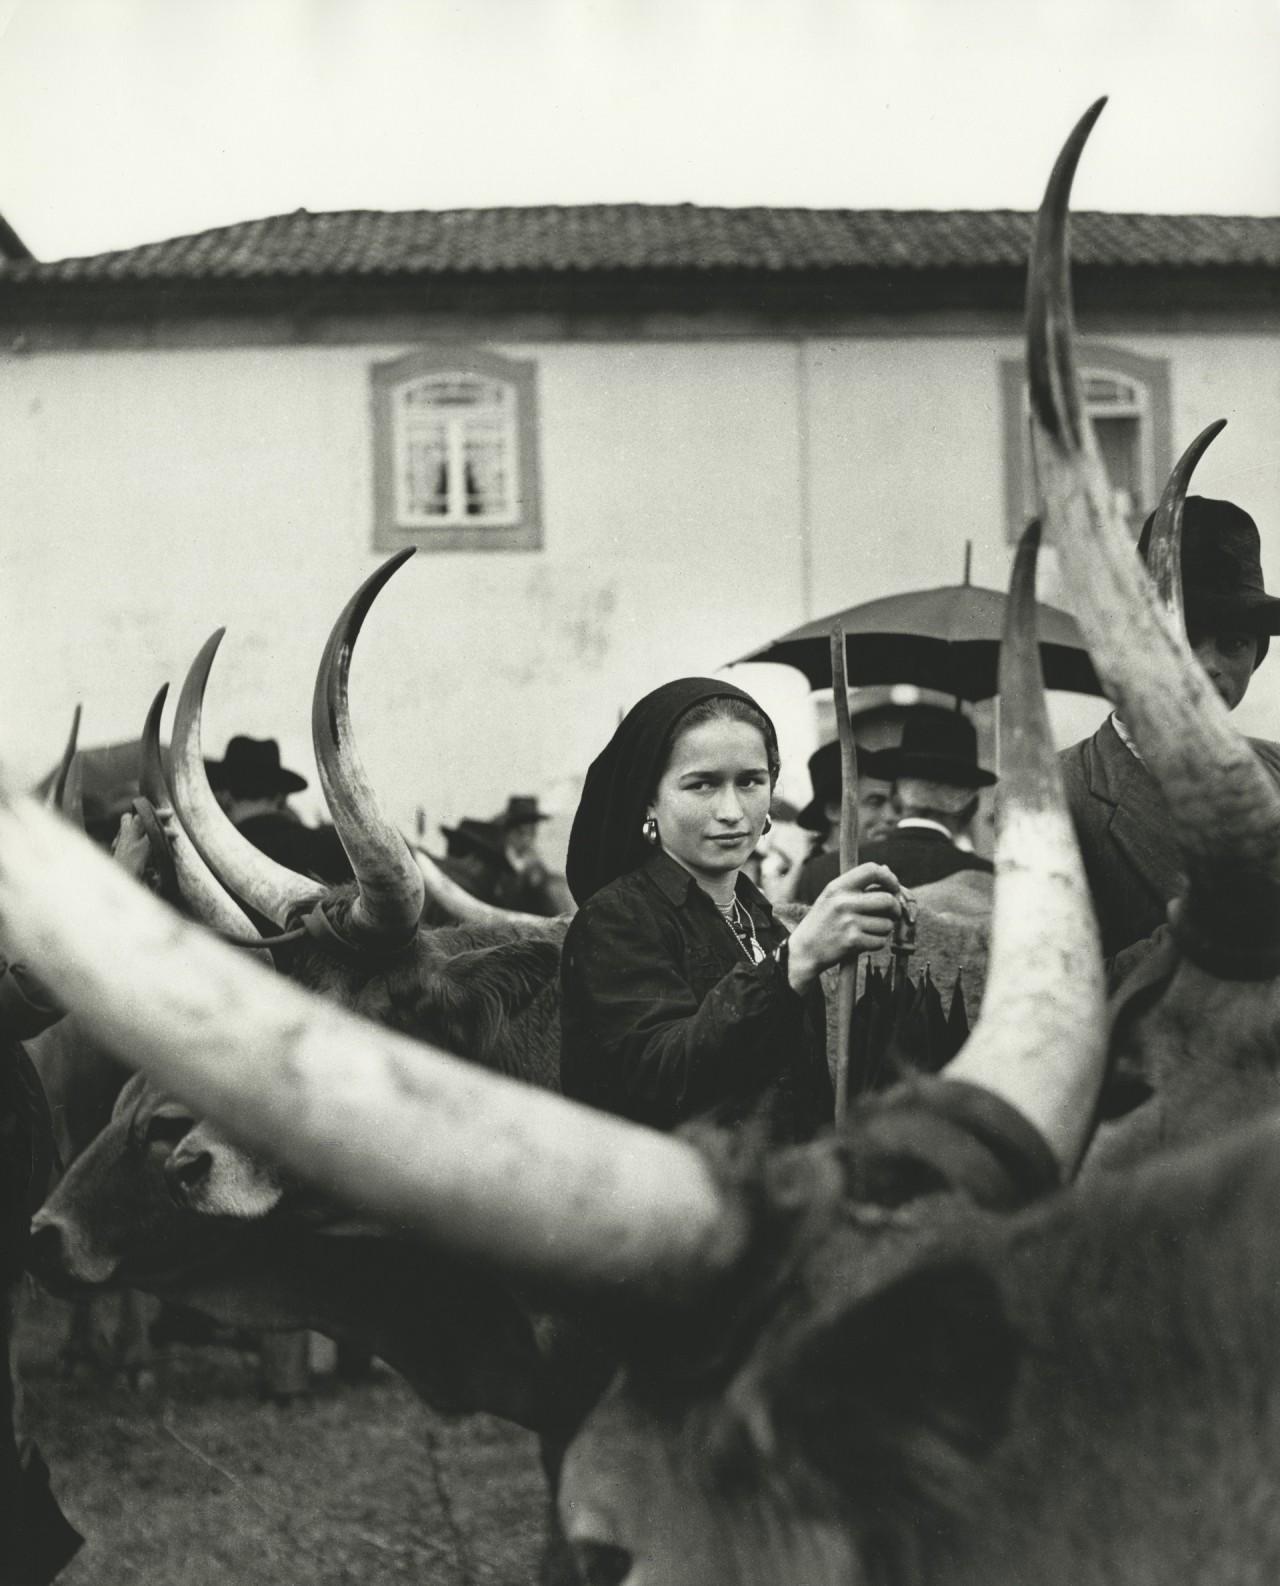 Девушка с волами. Португалия, 1952. Фотограф Ормонд Джильи